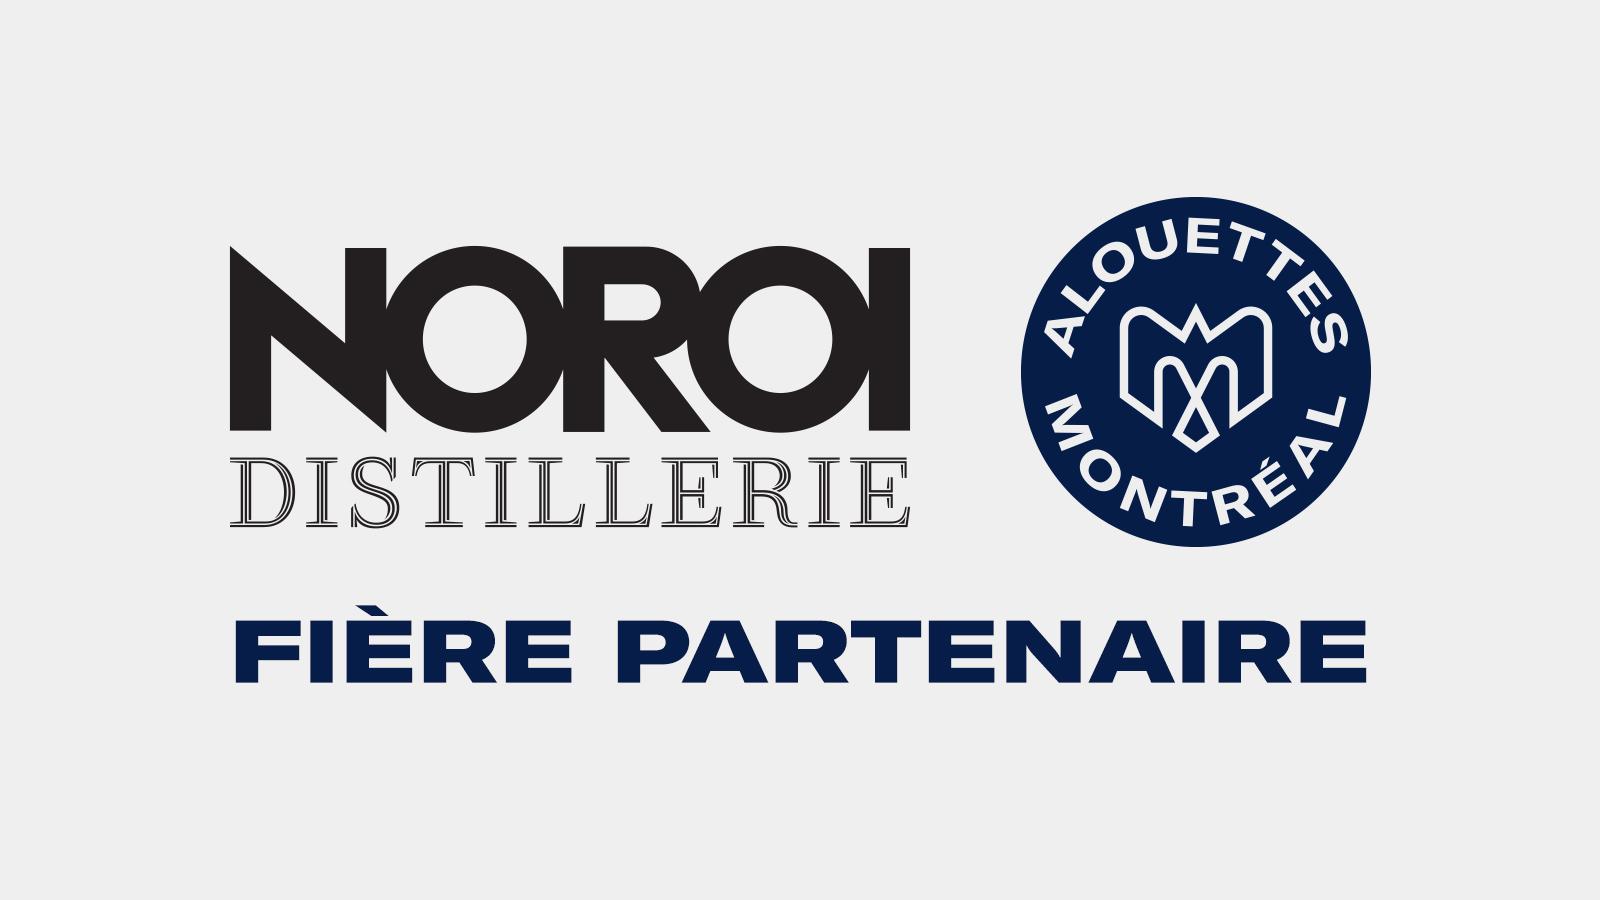 Les Alouettes et la distillerie NOROI deviennent partenaires